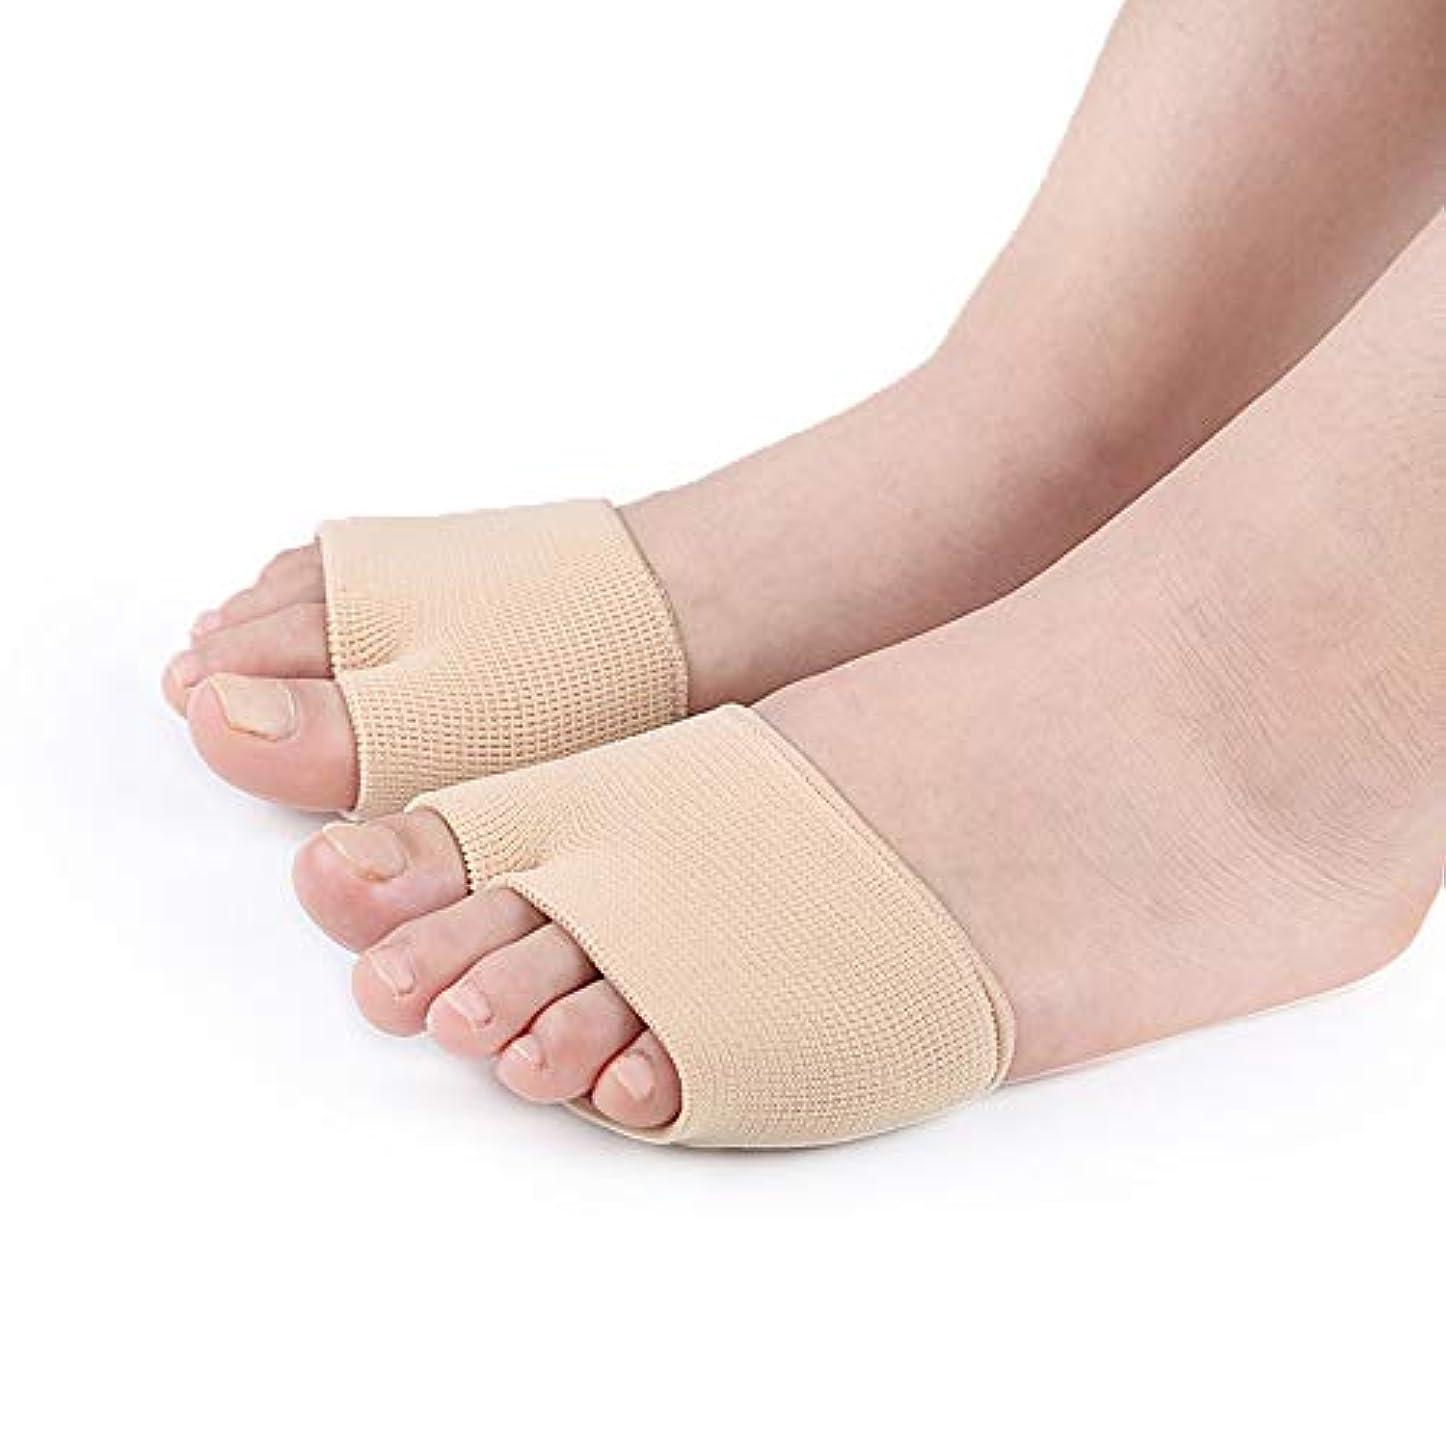 テープ専門知識疎外つま先矯正靴下ケアつま先防止重複伸縮性高減衰ダンピング吸収汗通気性ナイロン布SEBS,5pairs,S